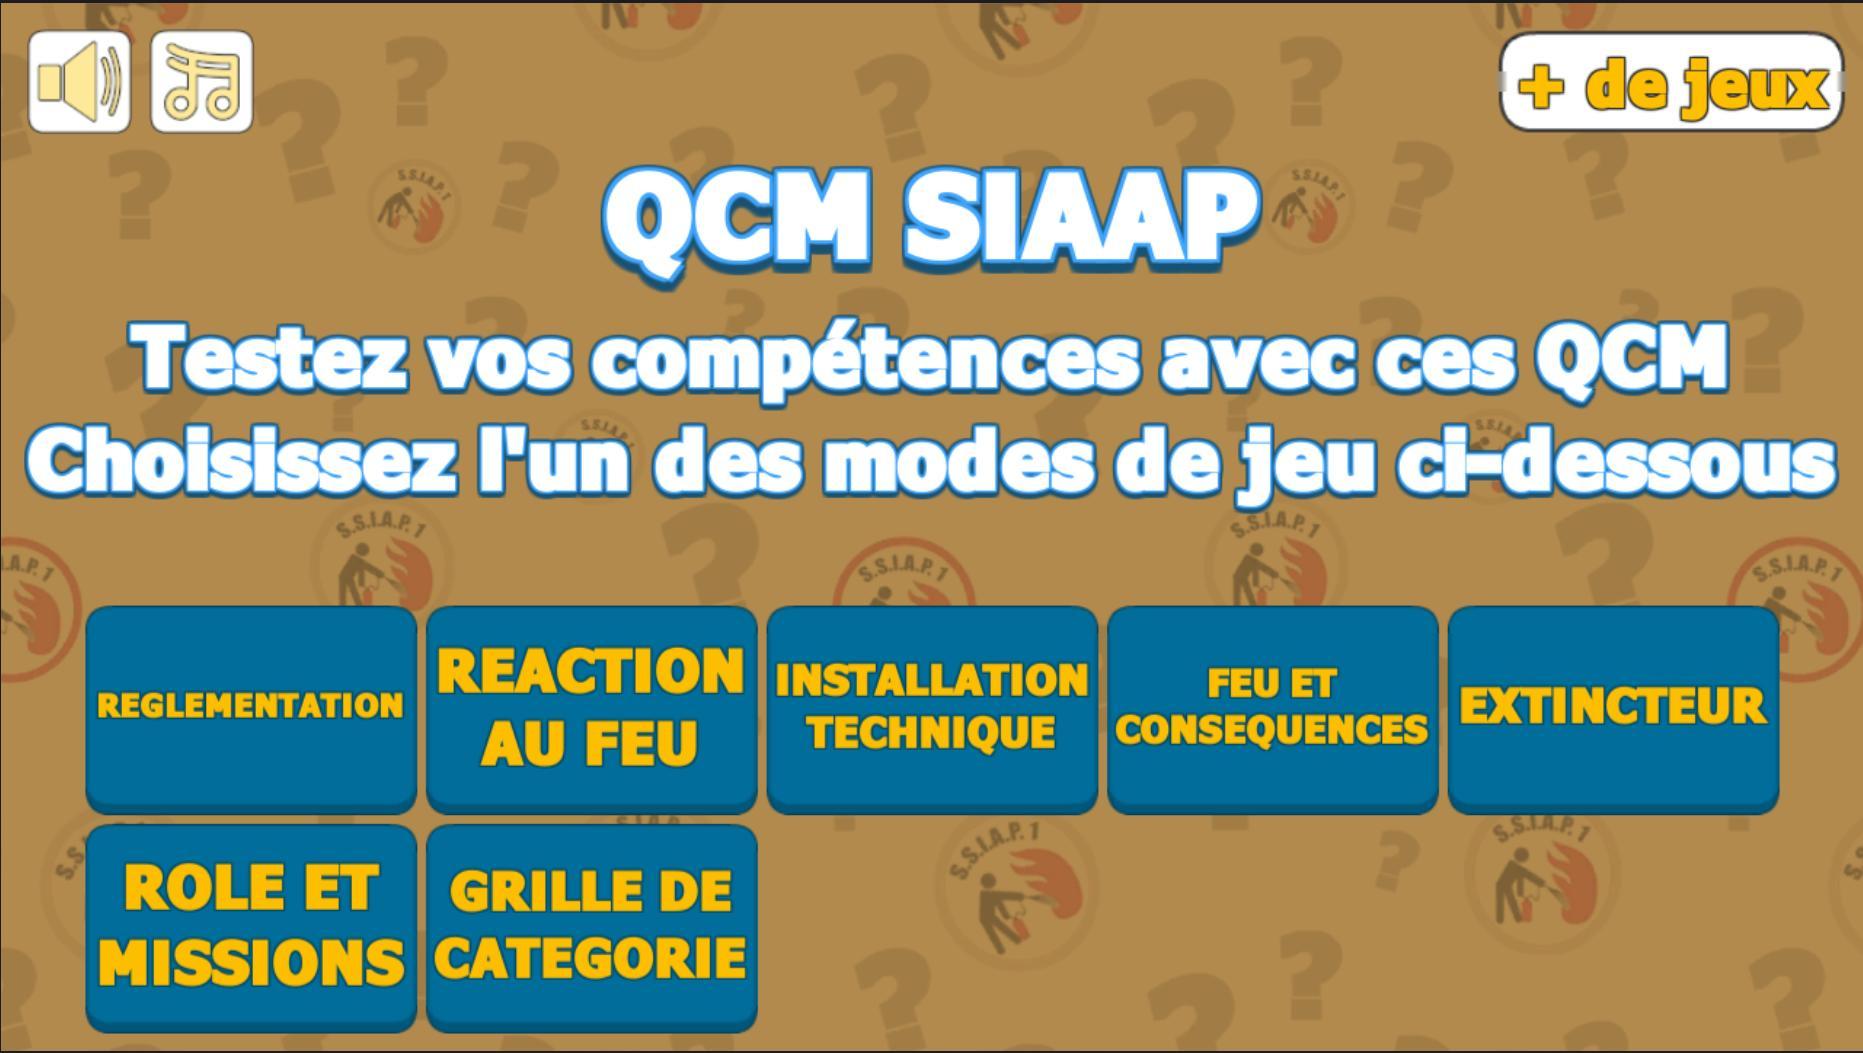 Android Için Qcm Ssiap 1 - 300 Questions - Apk'yı İndir dedans Jeux Avec Des Questions